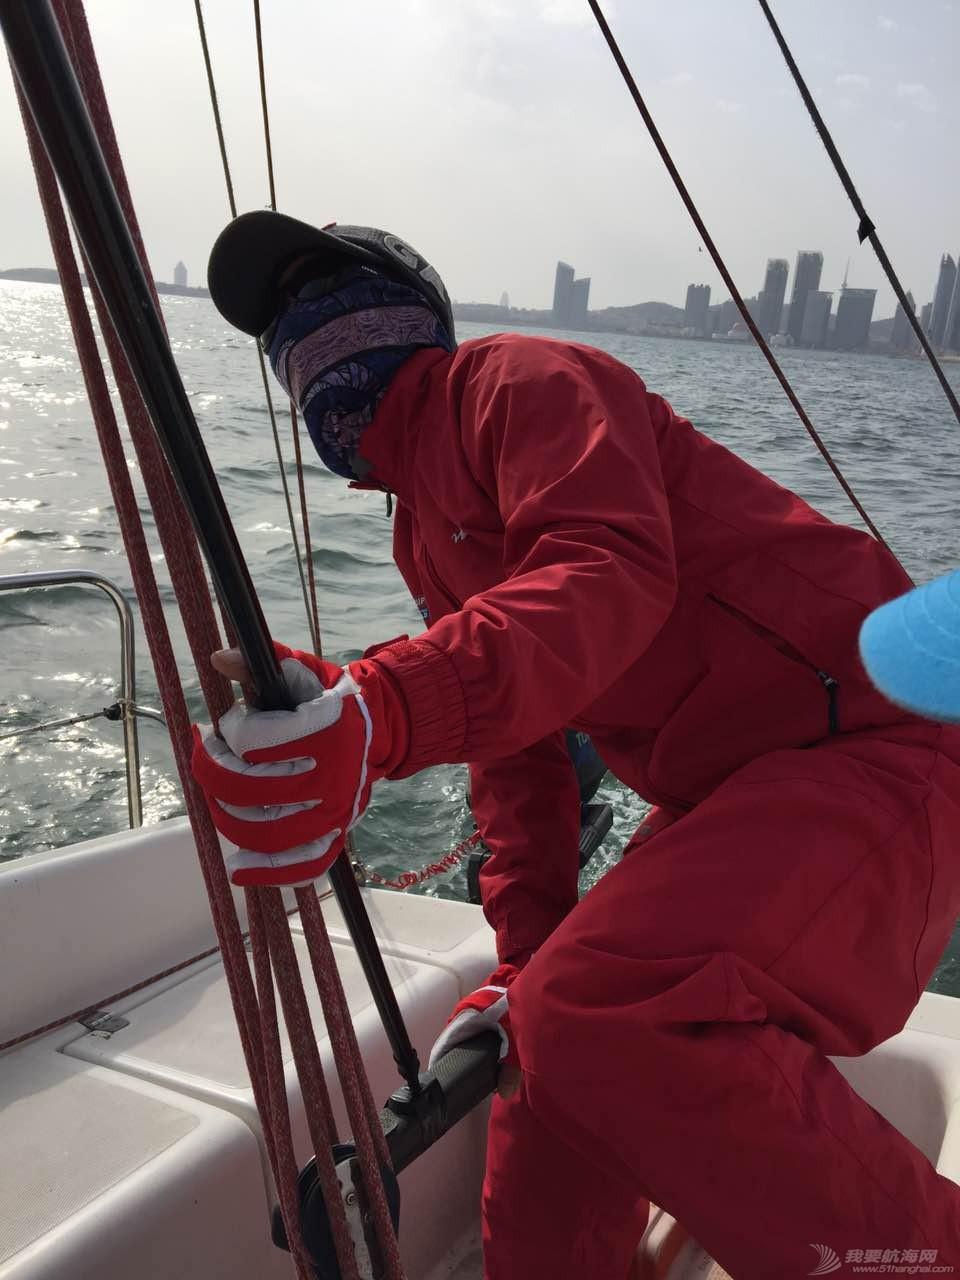 中国女子,退役运动员,联合国,帆船运动,青岛市 中国最牛女子帆船队 IMG_8111.JPG